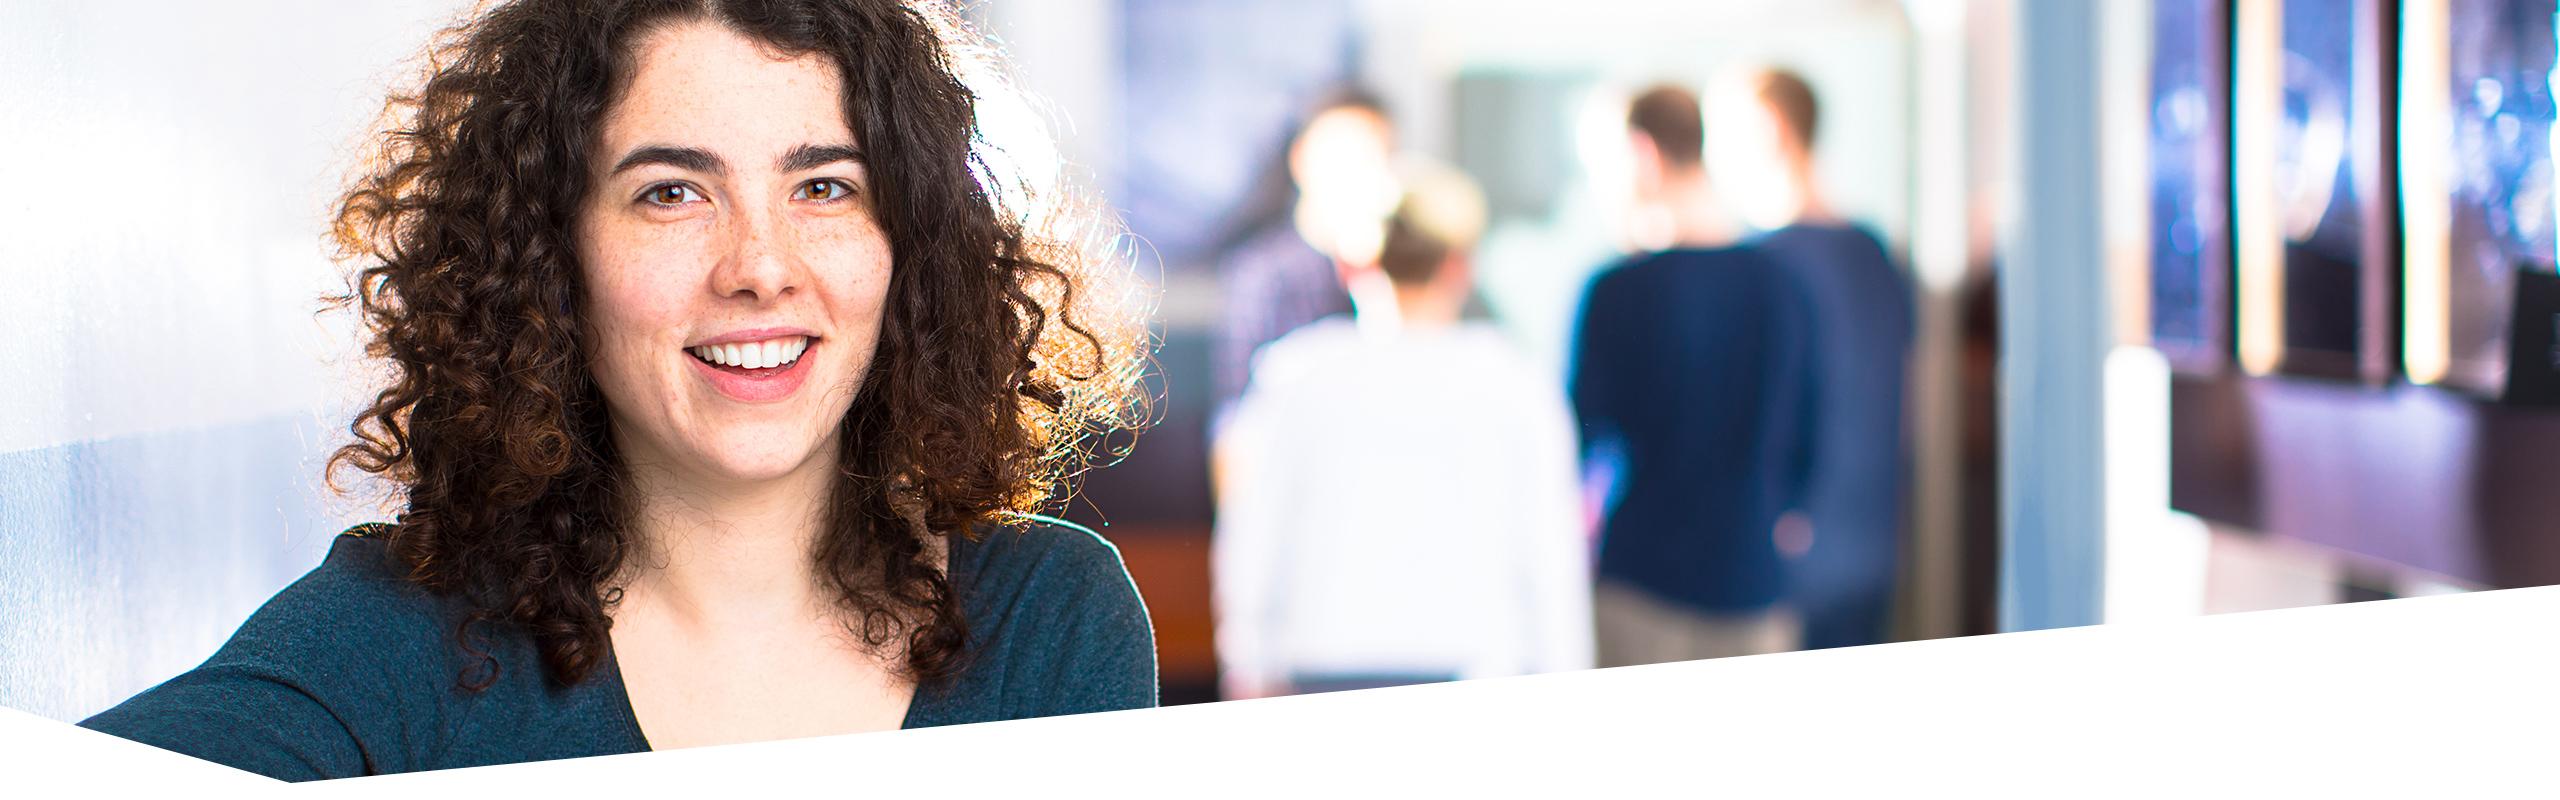 Gesicht einer Berufstätigen, die in die Kamera lächelt, vier Schüler im Hintergrund sprechen miteinander